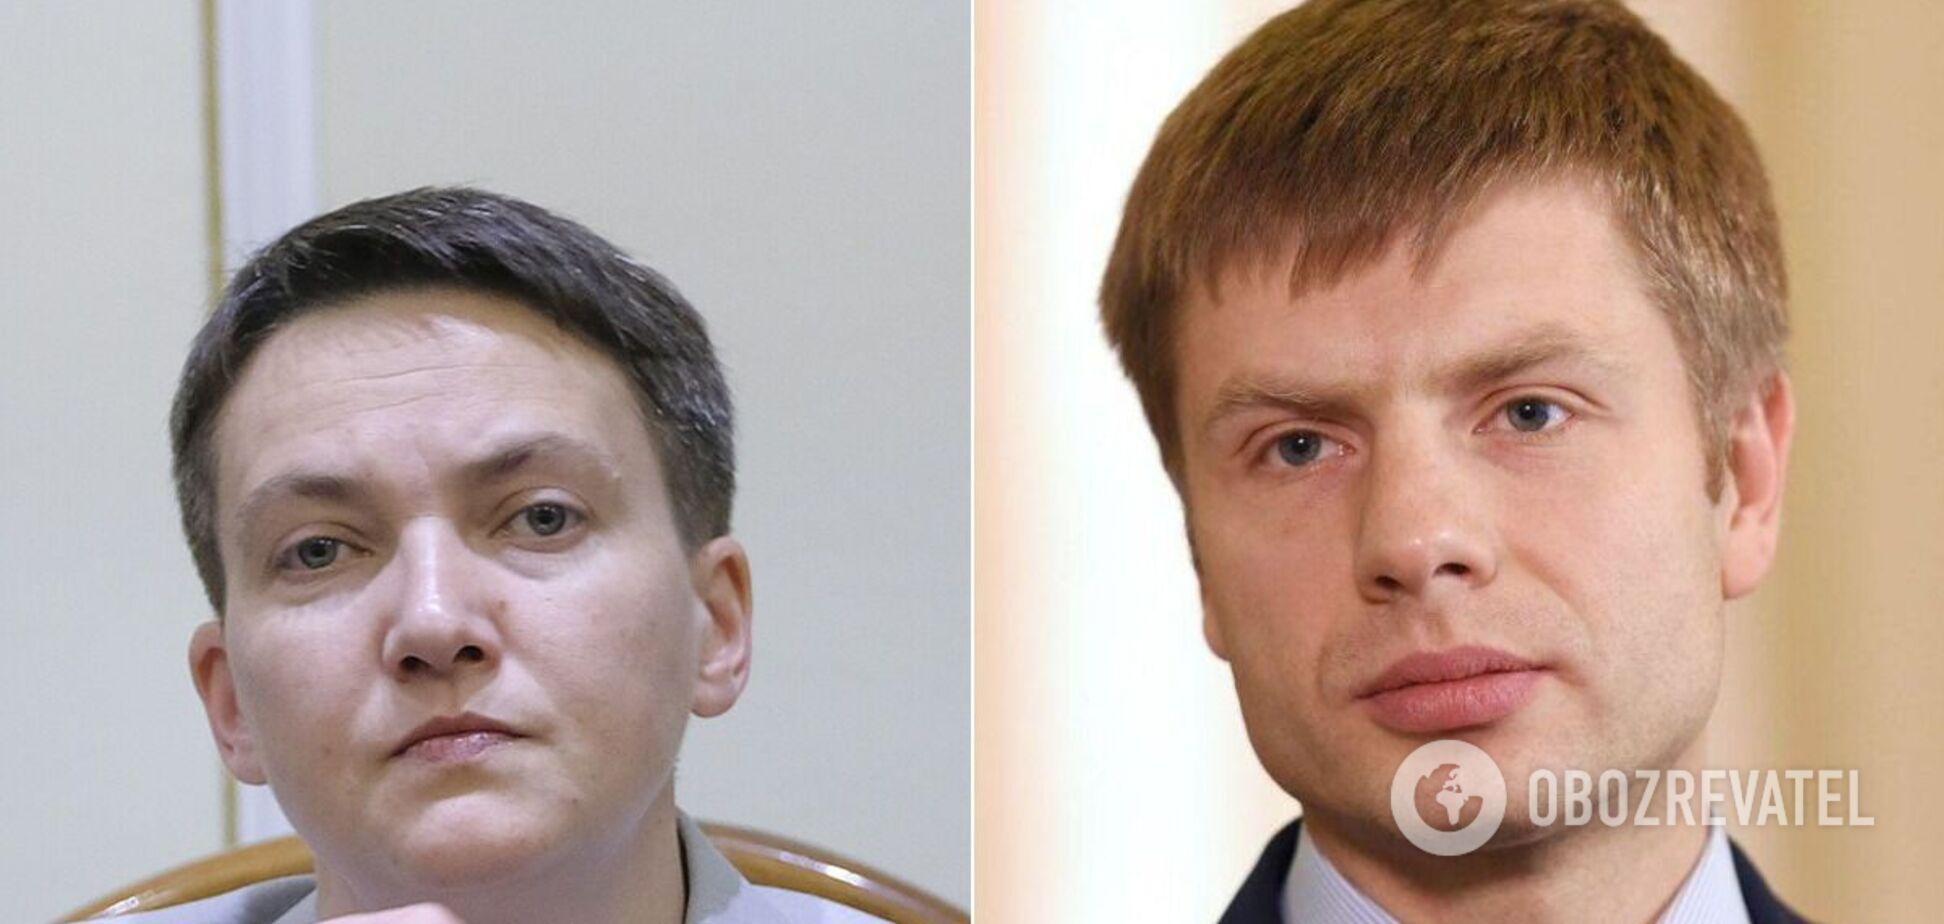 Гончаренко назвал Савченко лгуньей